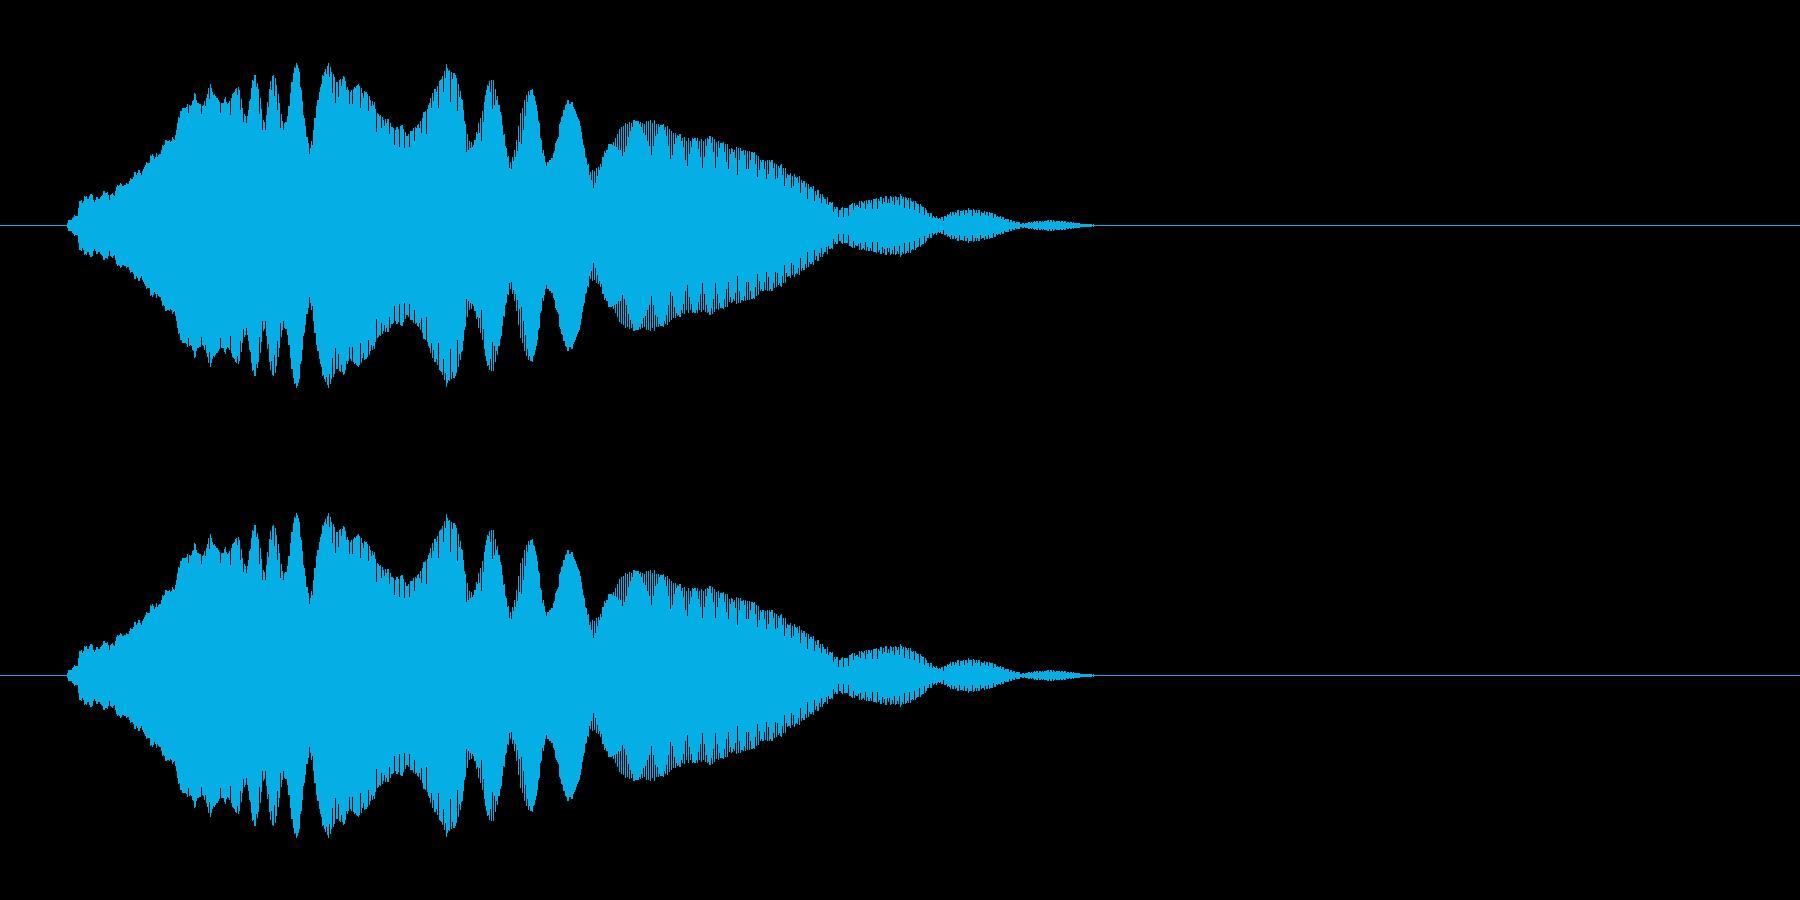 気の抜けたジャンプ音の再生済みの波形